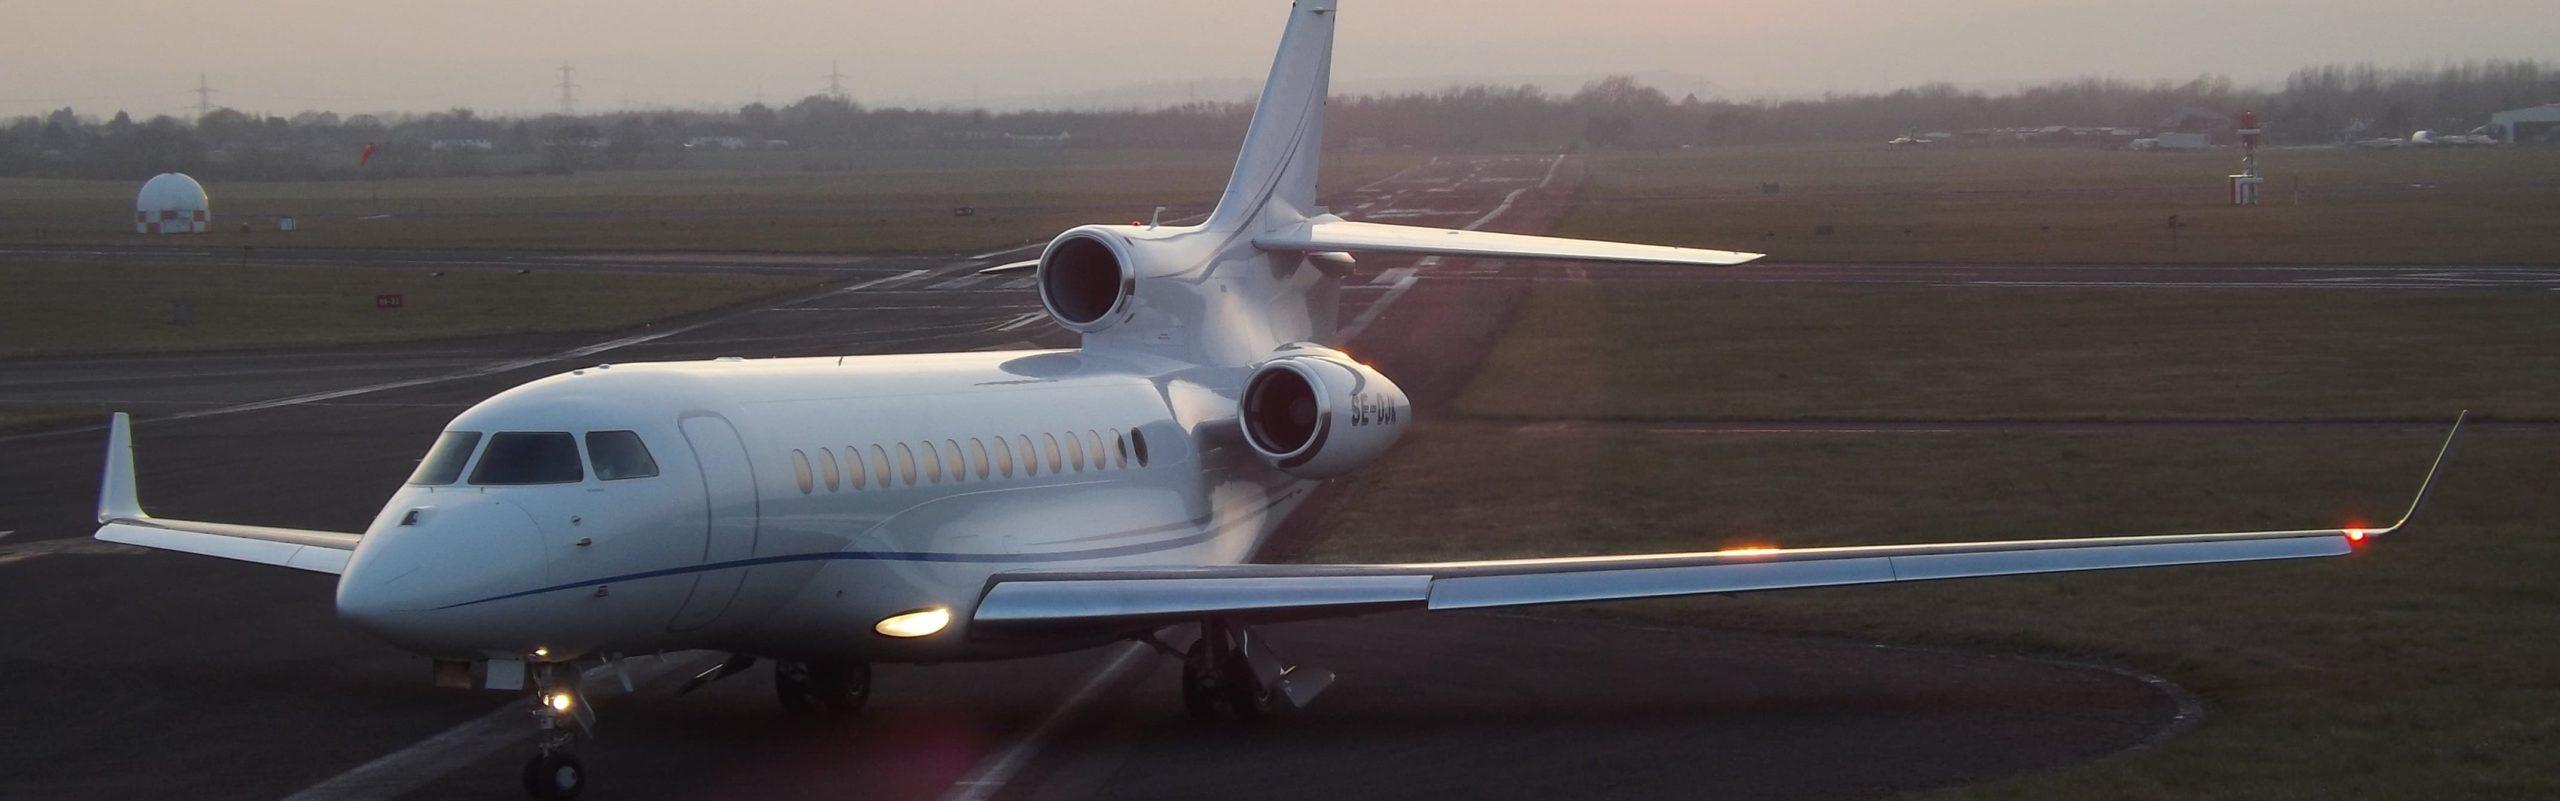 Location d'un jet privé Dassault Falcon 7X